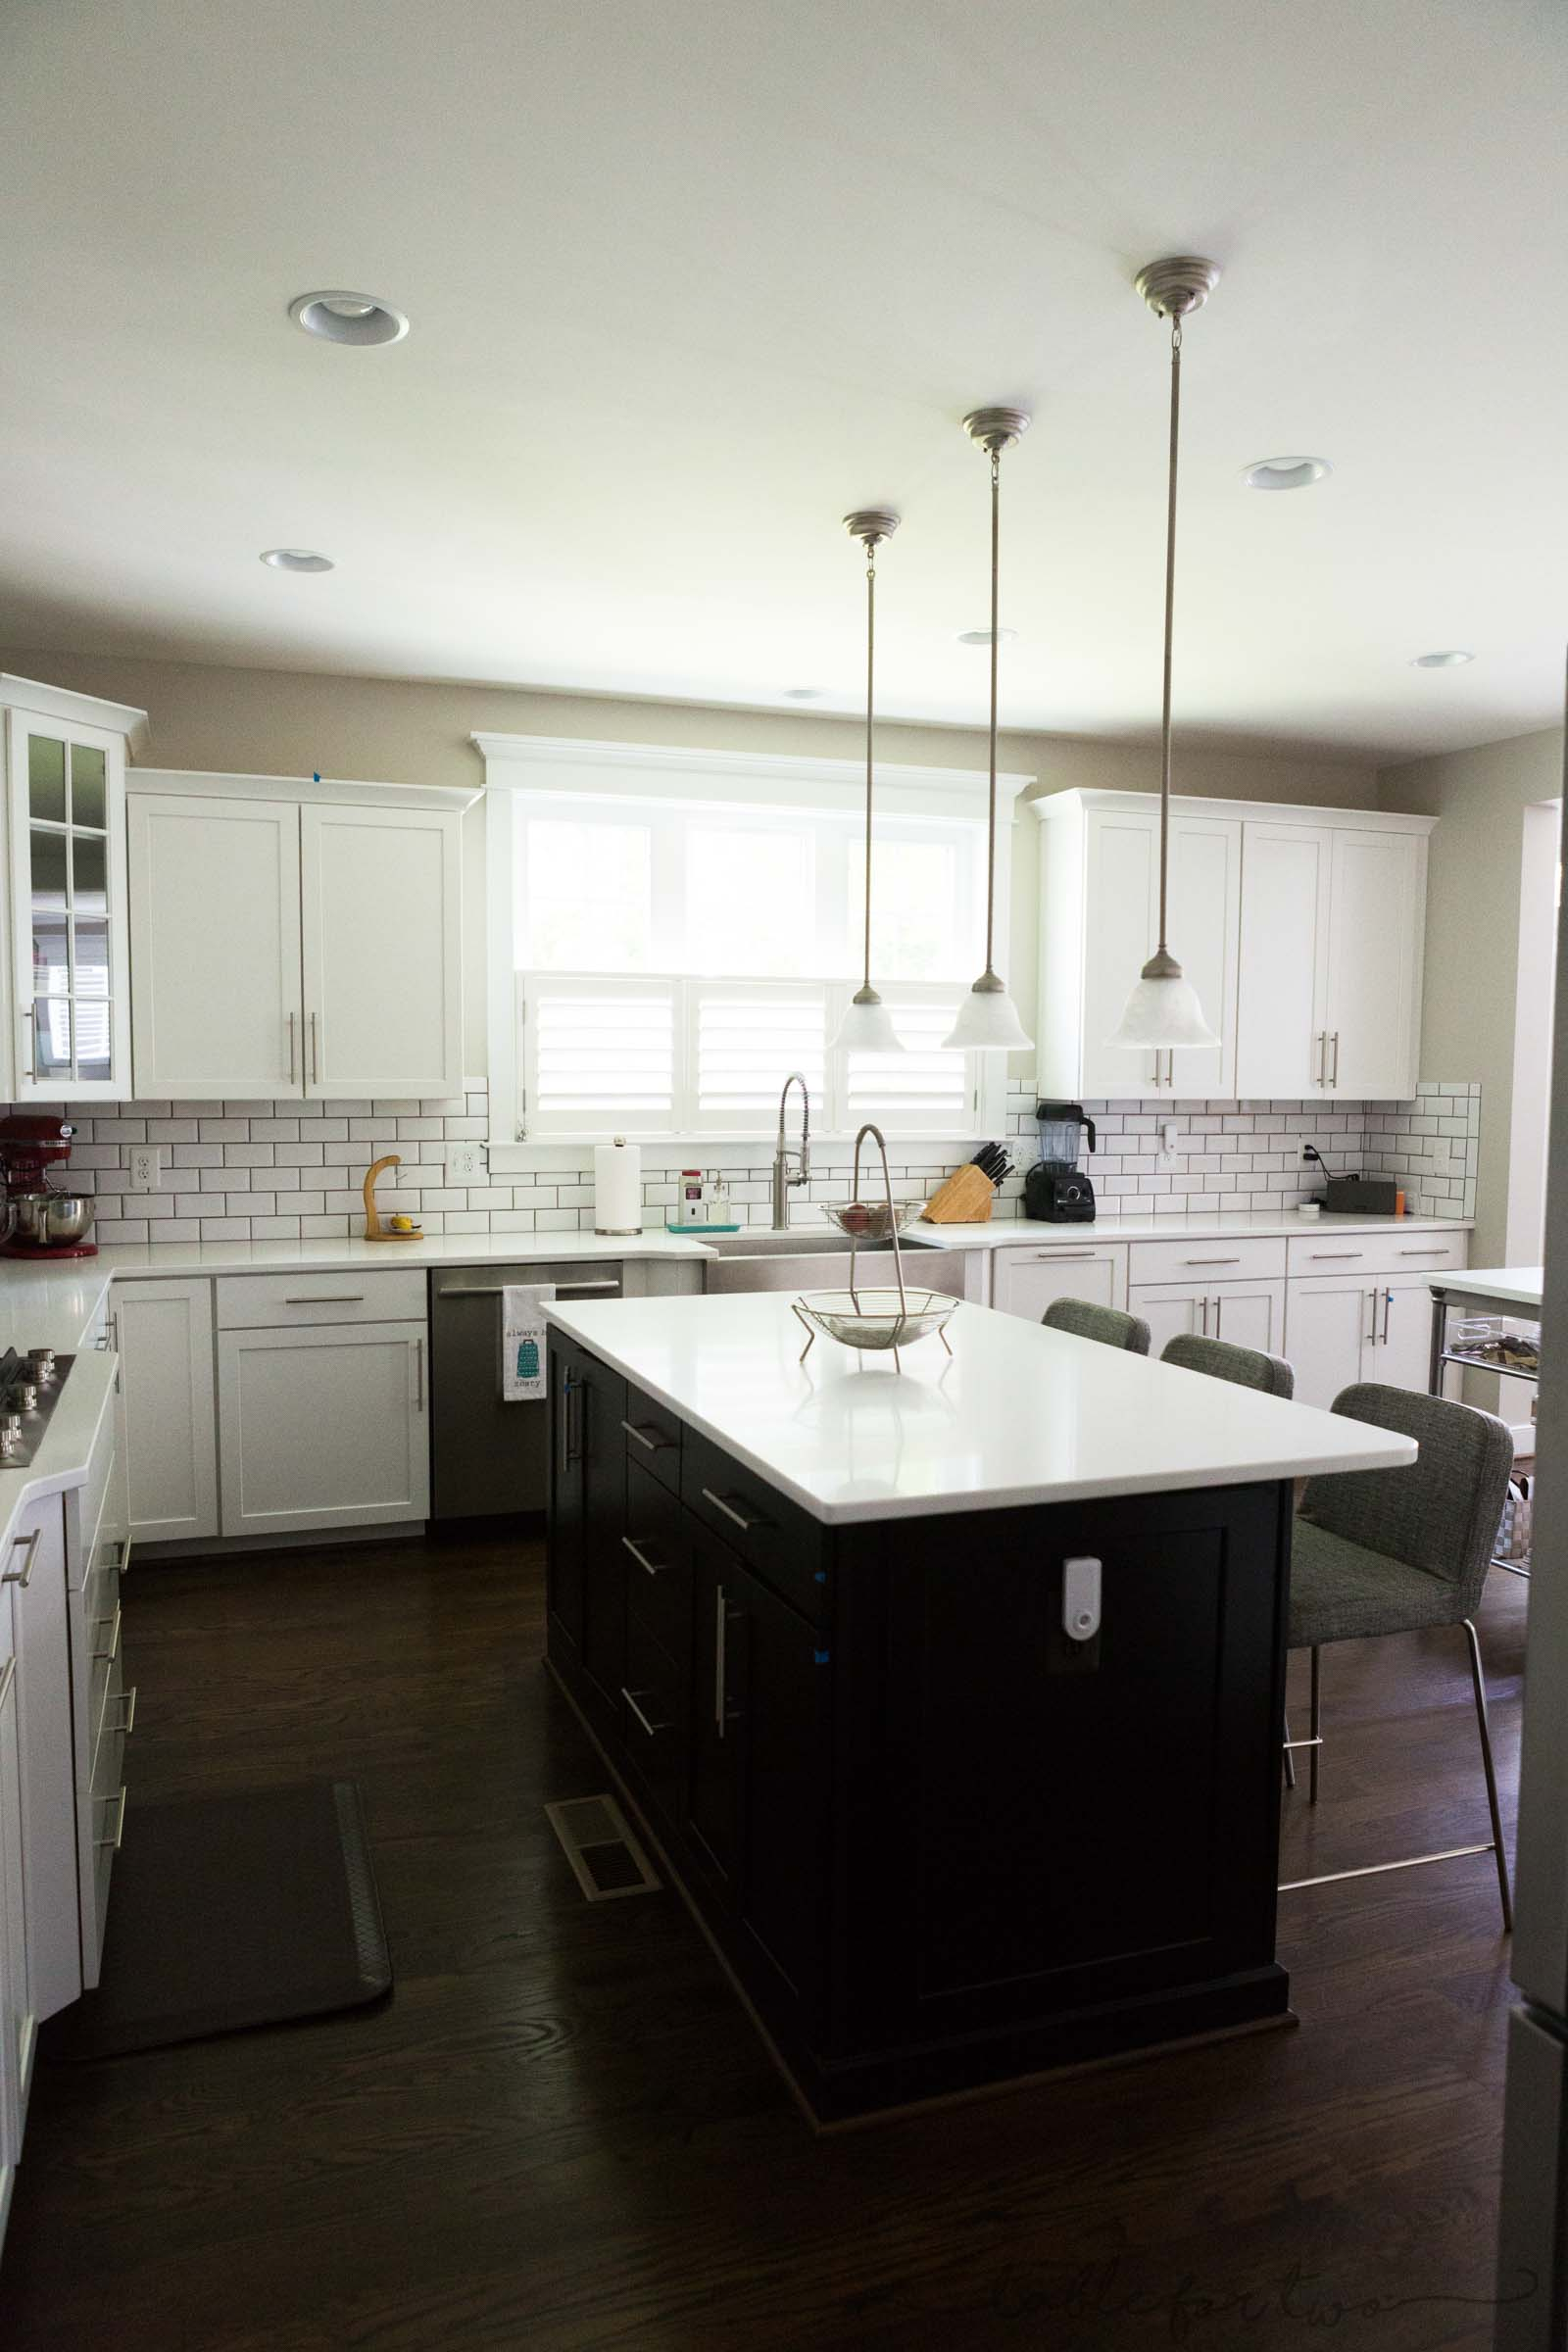 Kitchen Tour! - Dream Kitchen Inspiration and Ideas - White Kitchen